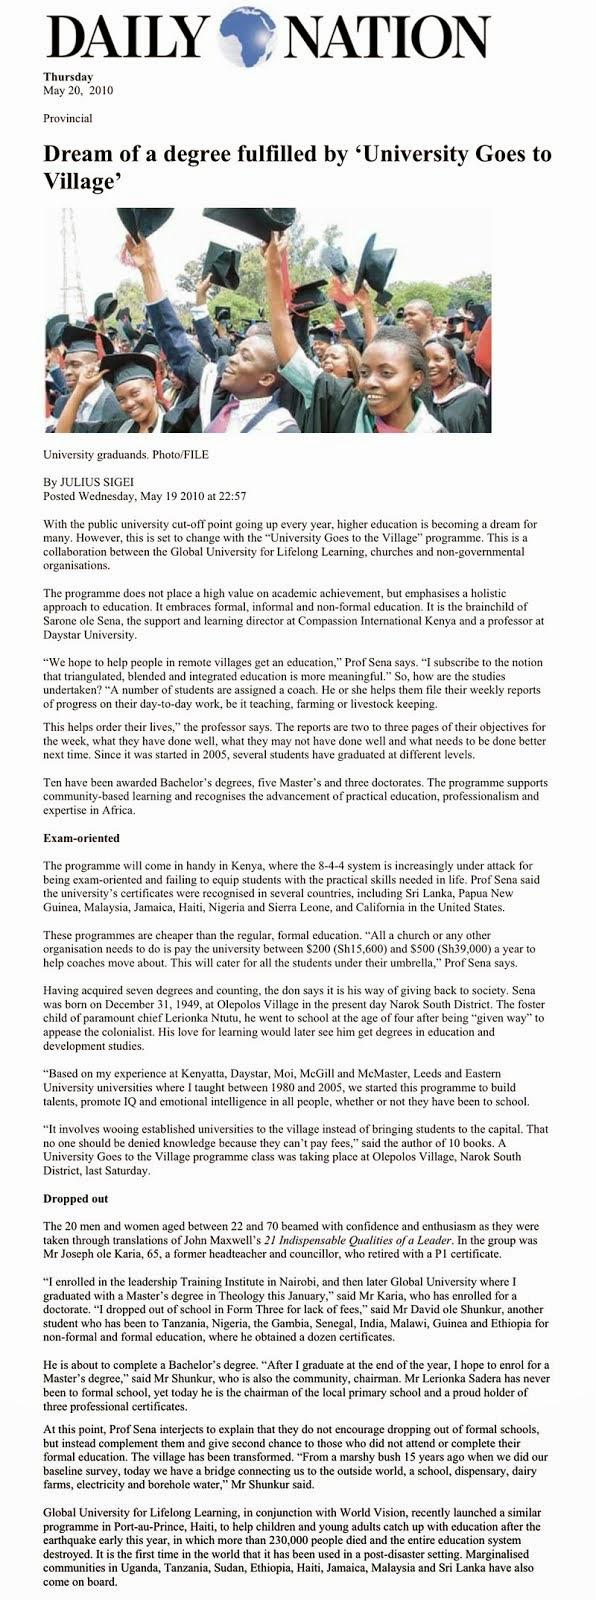 肯亚国家日报报导 Kenya Press